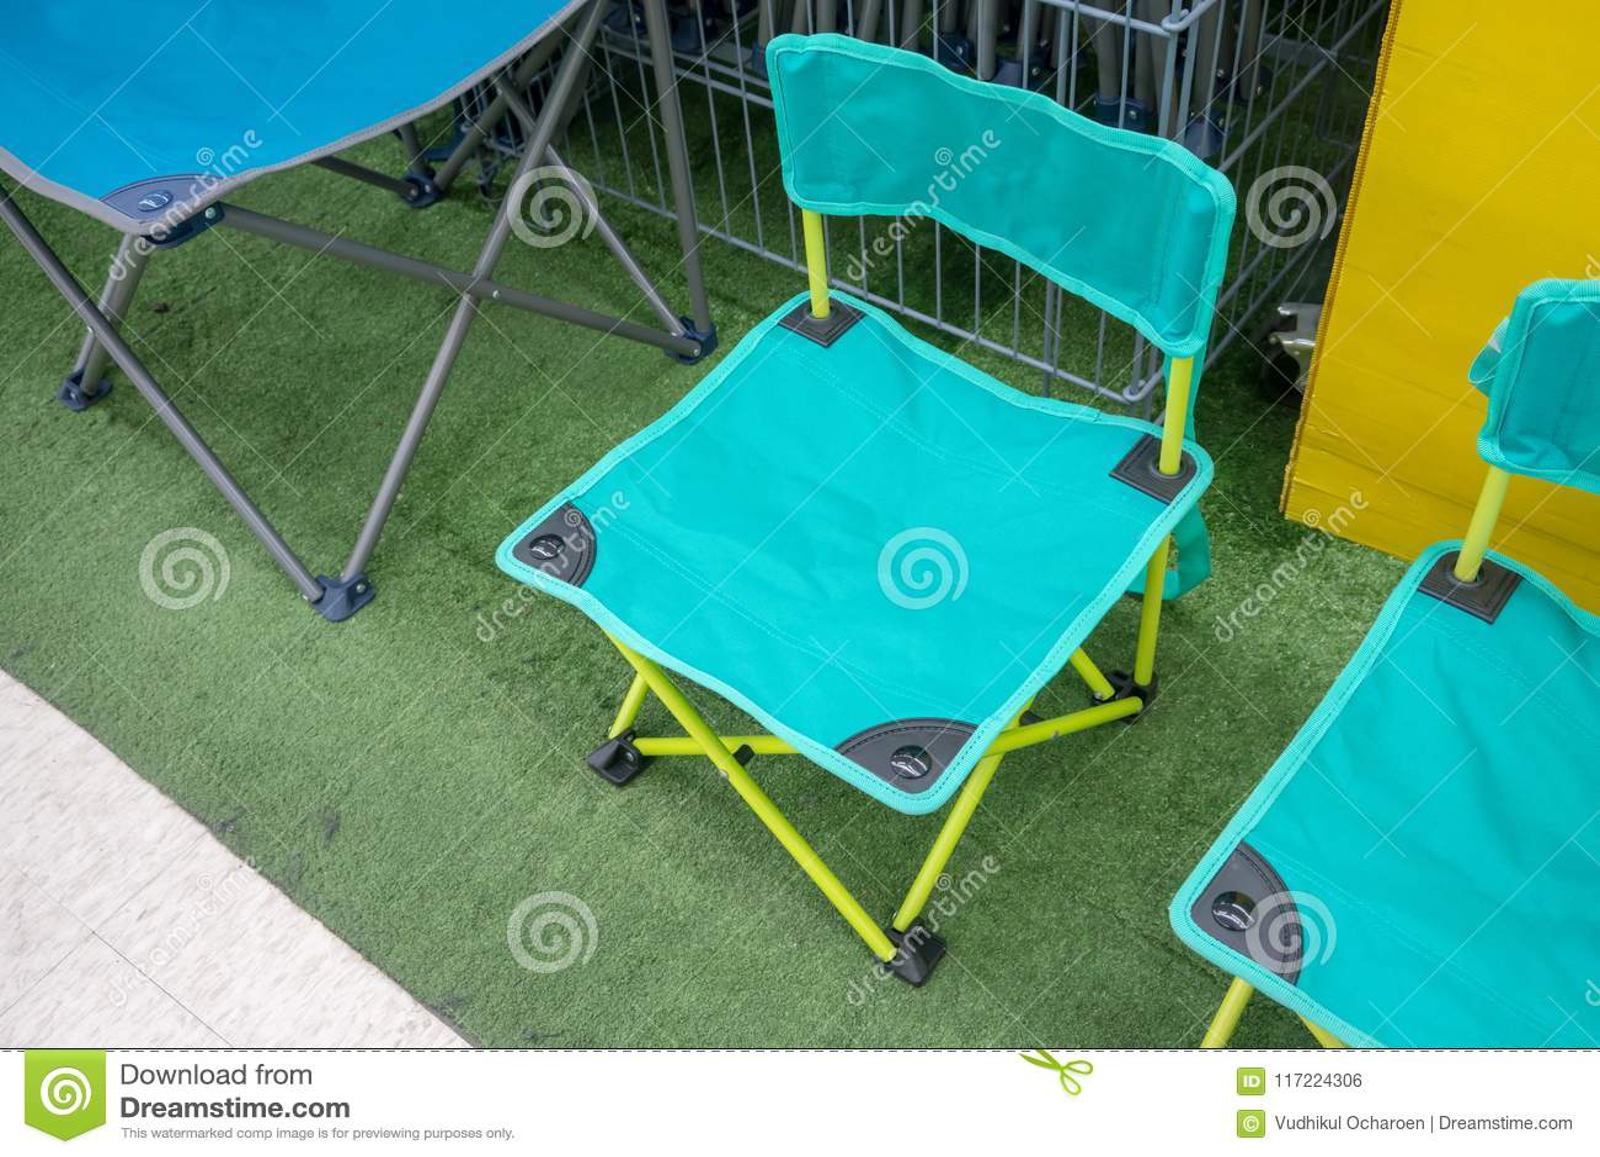 Sillas plegables verdes claras en hierba verde artificial